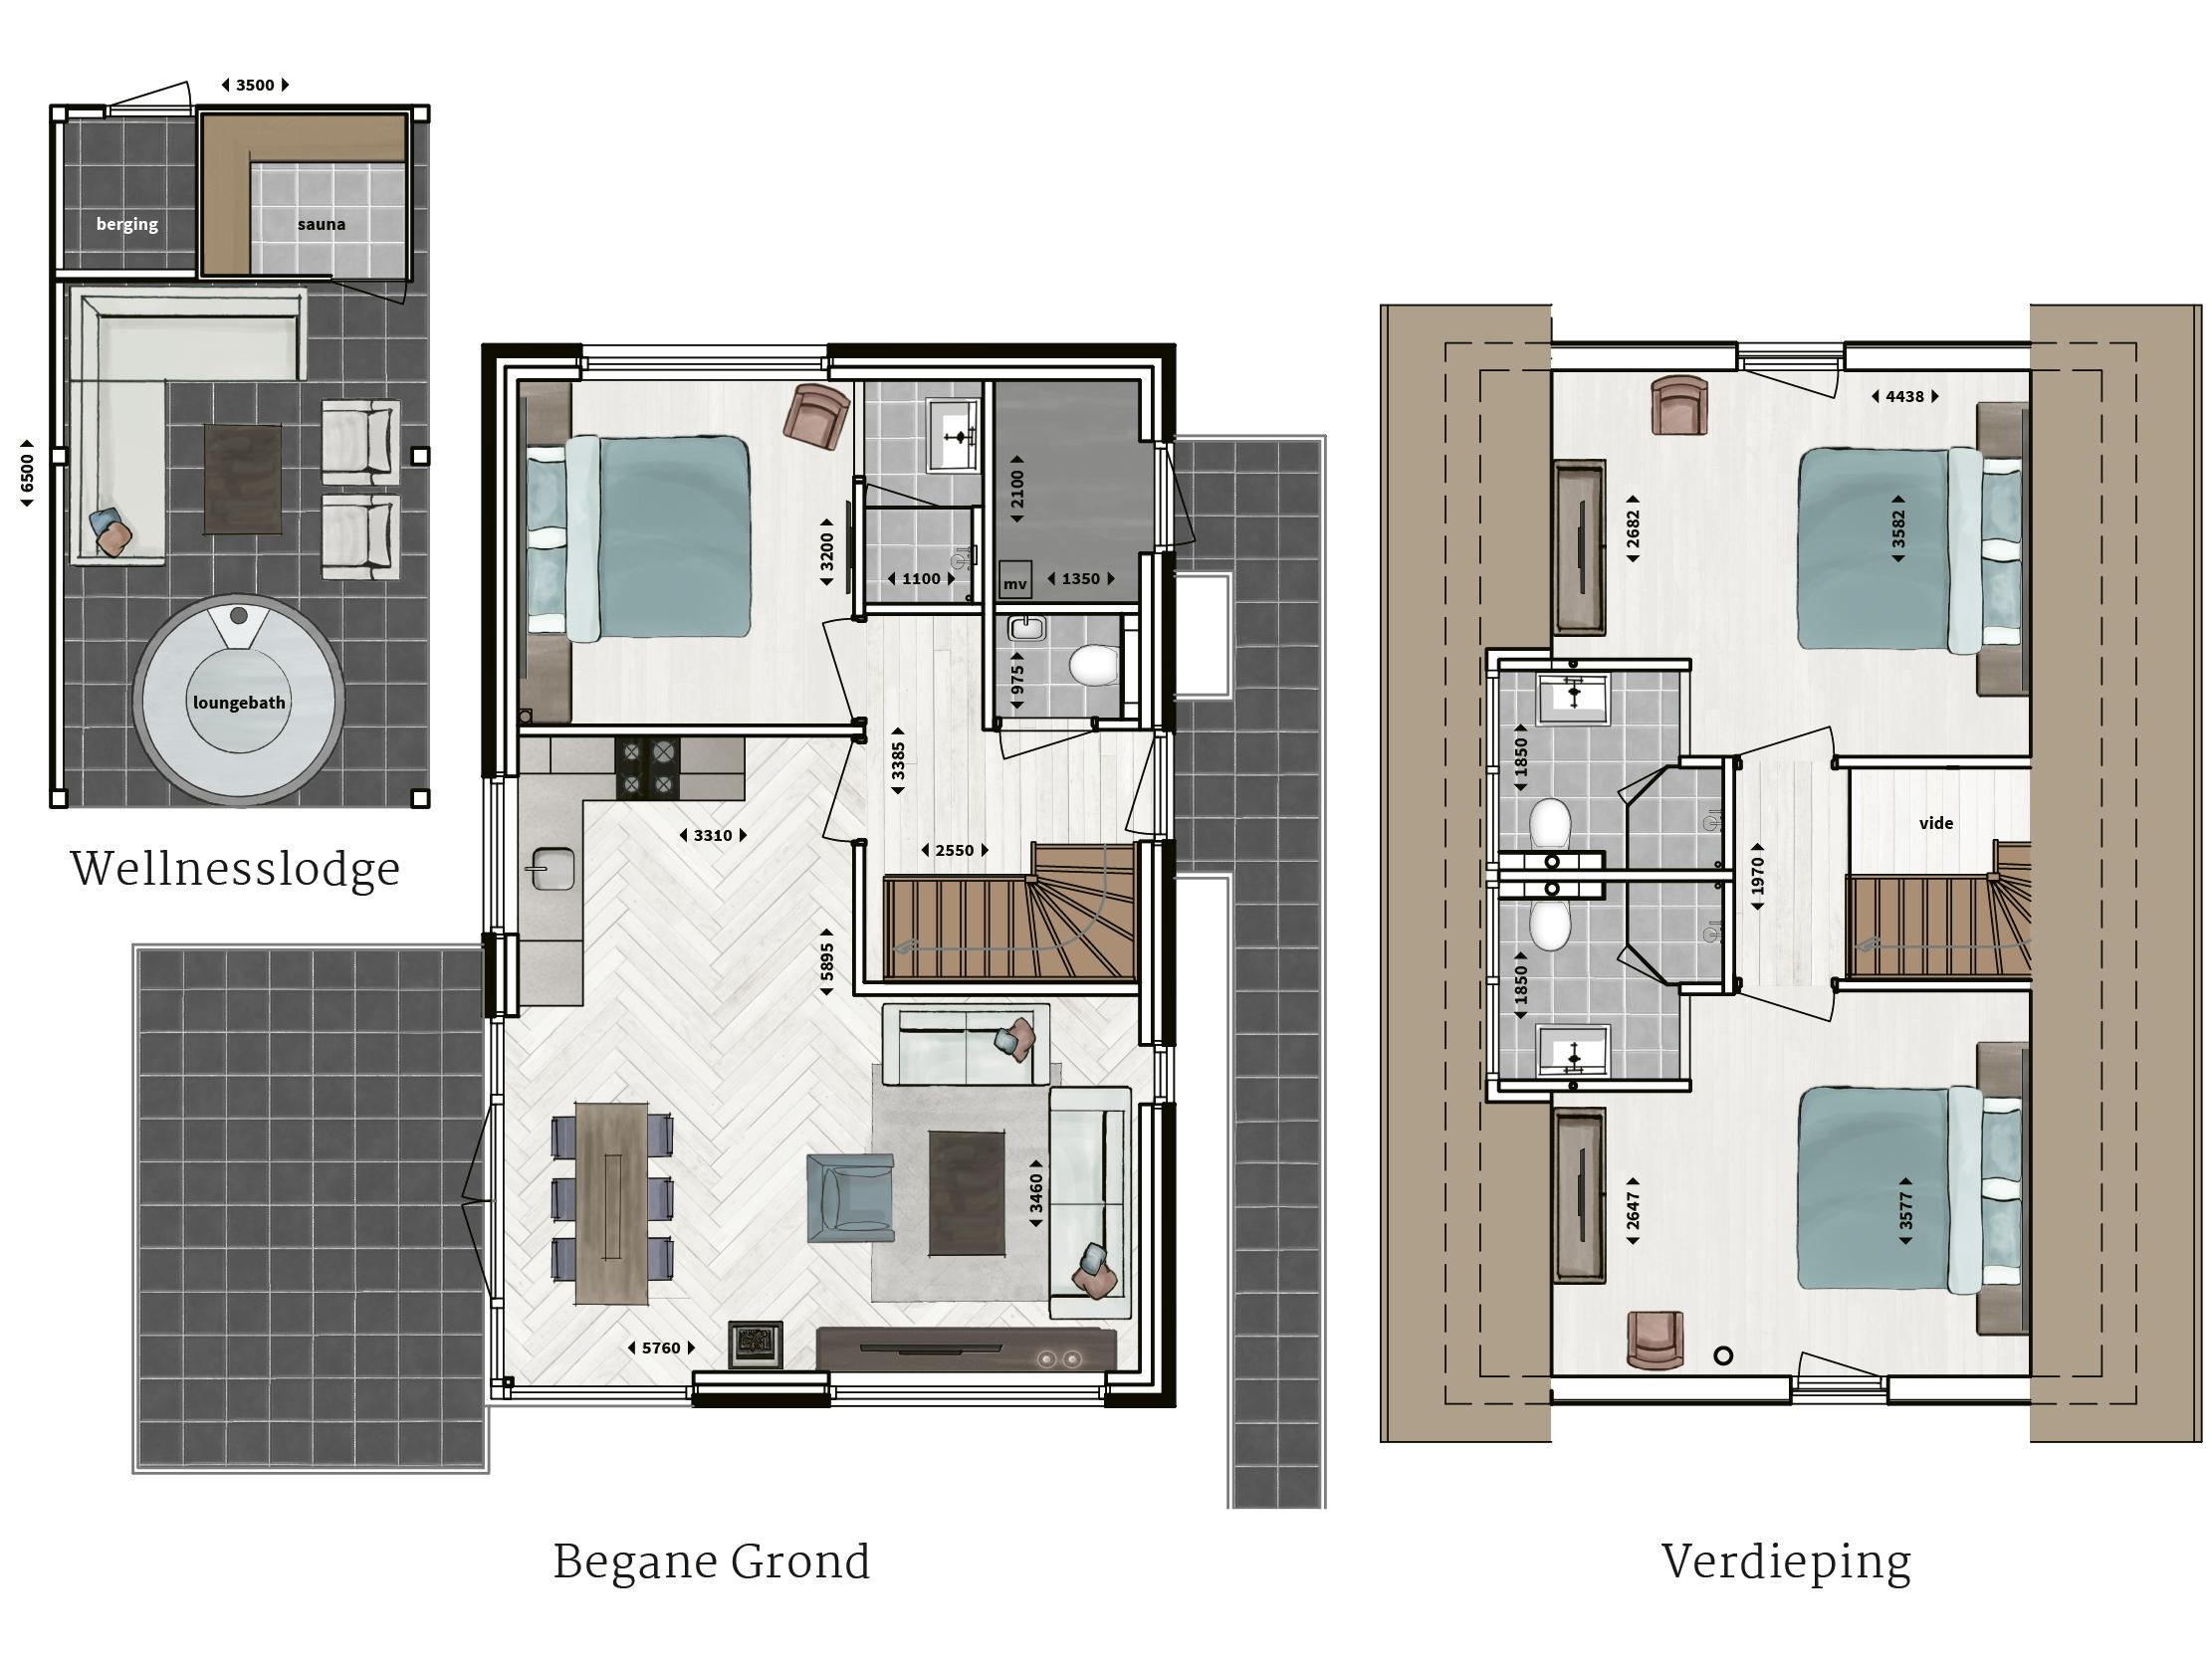 Kenmerken - - Rietgedekt- Gevel van metselwerk met gevelstuc- Drie slaapkamers- Drie badkamers met inloopdouche en sunshower- Compleet ingerichte keuken- Houtkachel- Glazen hoekpui- Buitenberging- Wellnesslodge met sauna, loungebad met buitenhaard en buitendouche